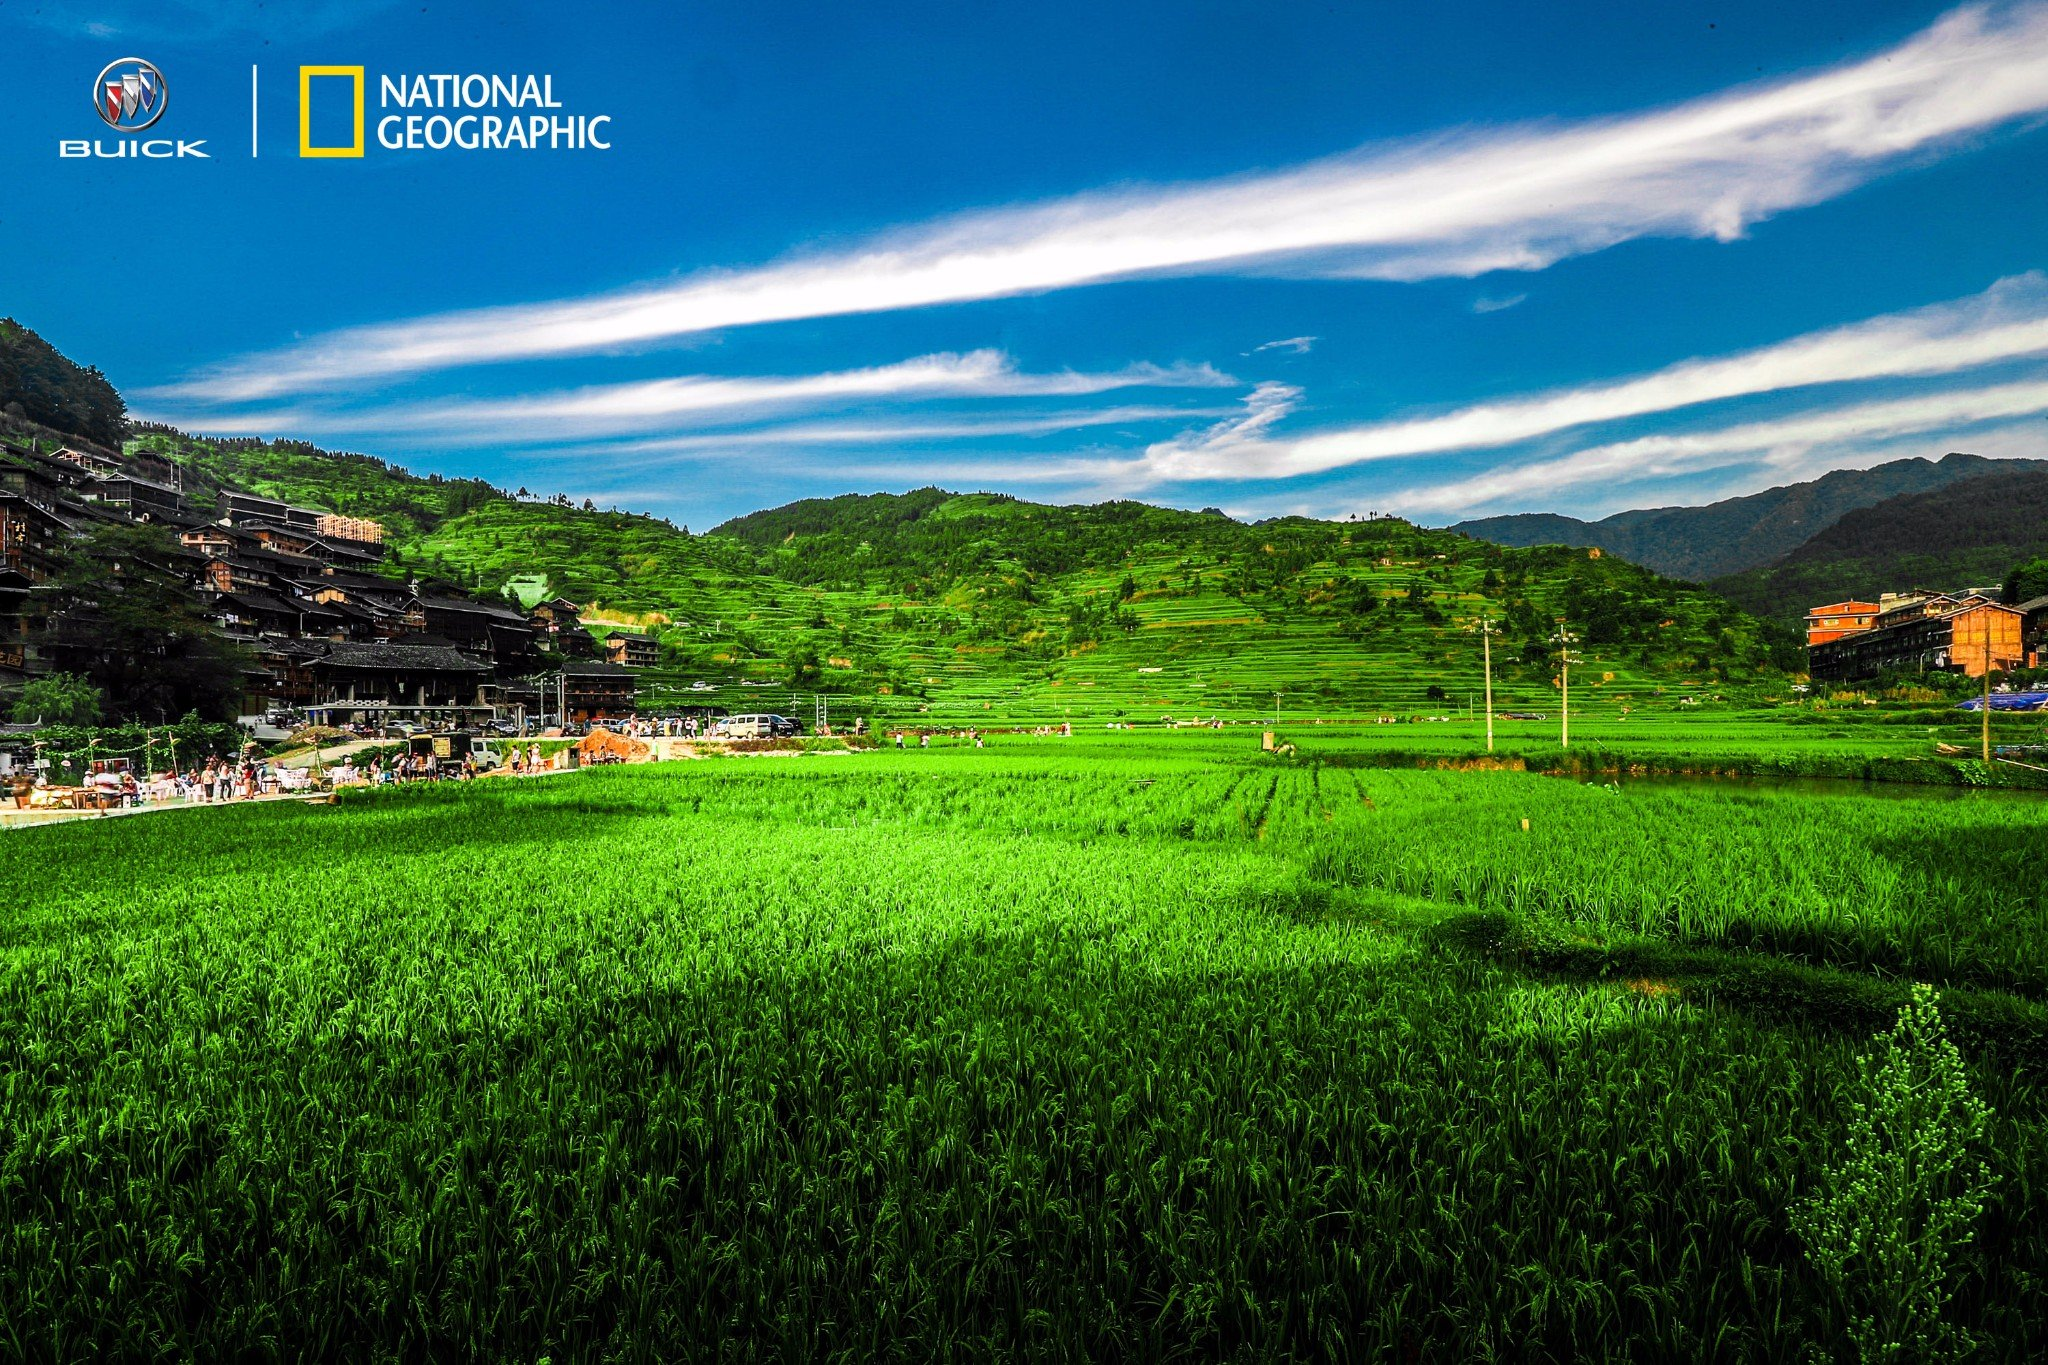 #寰行中国#每一眼你所见的景,都藏着古与今